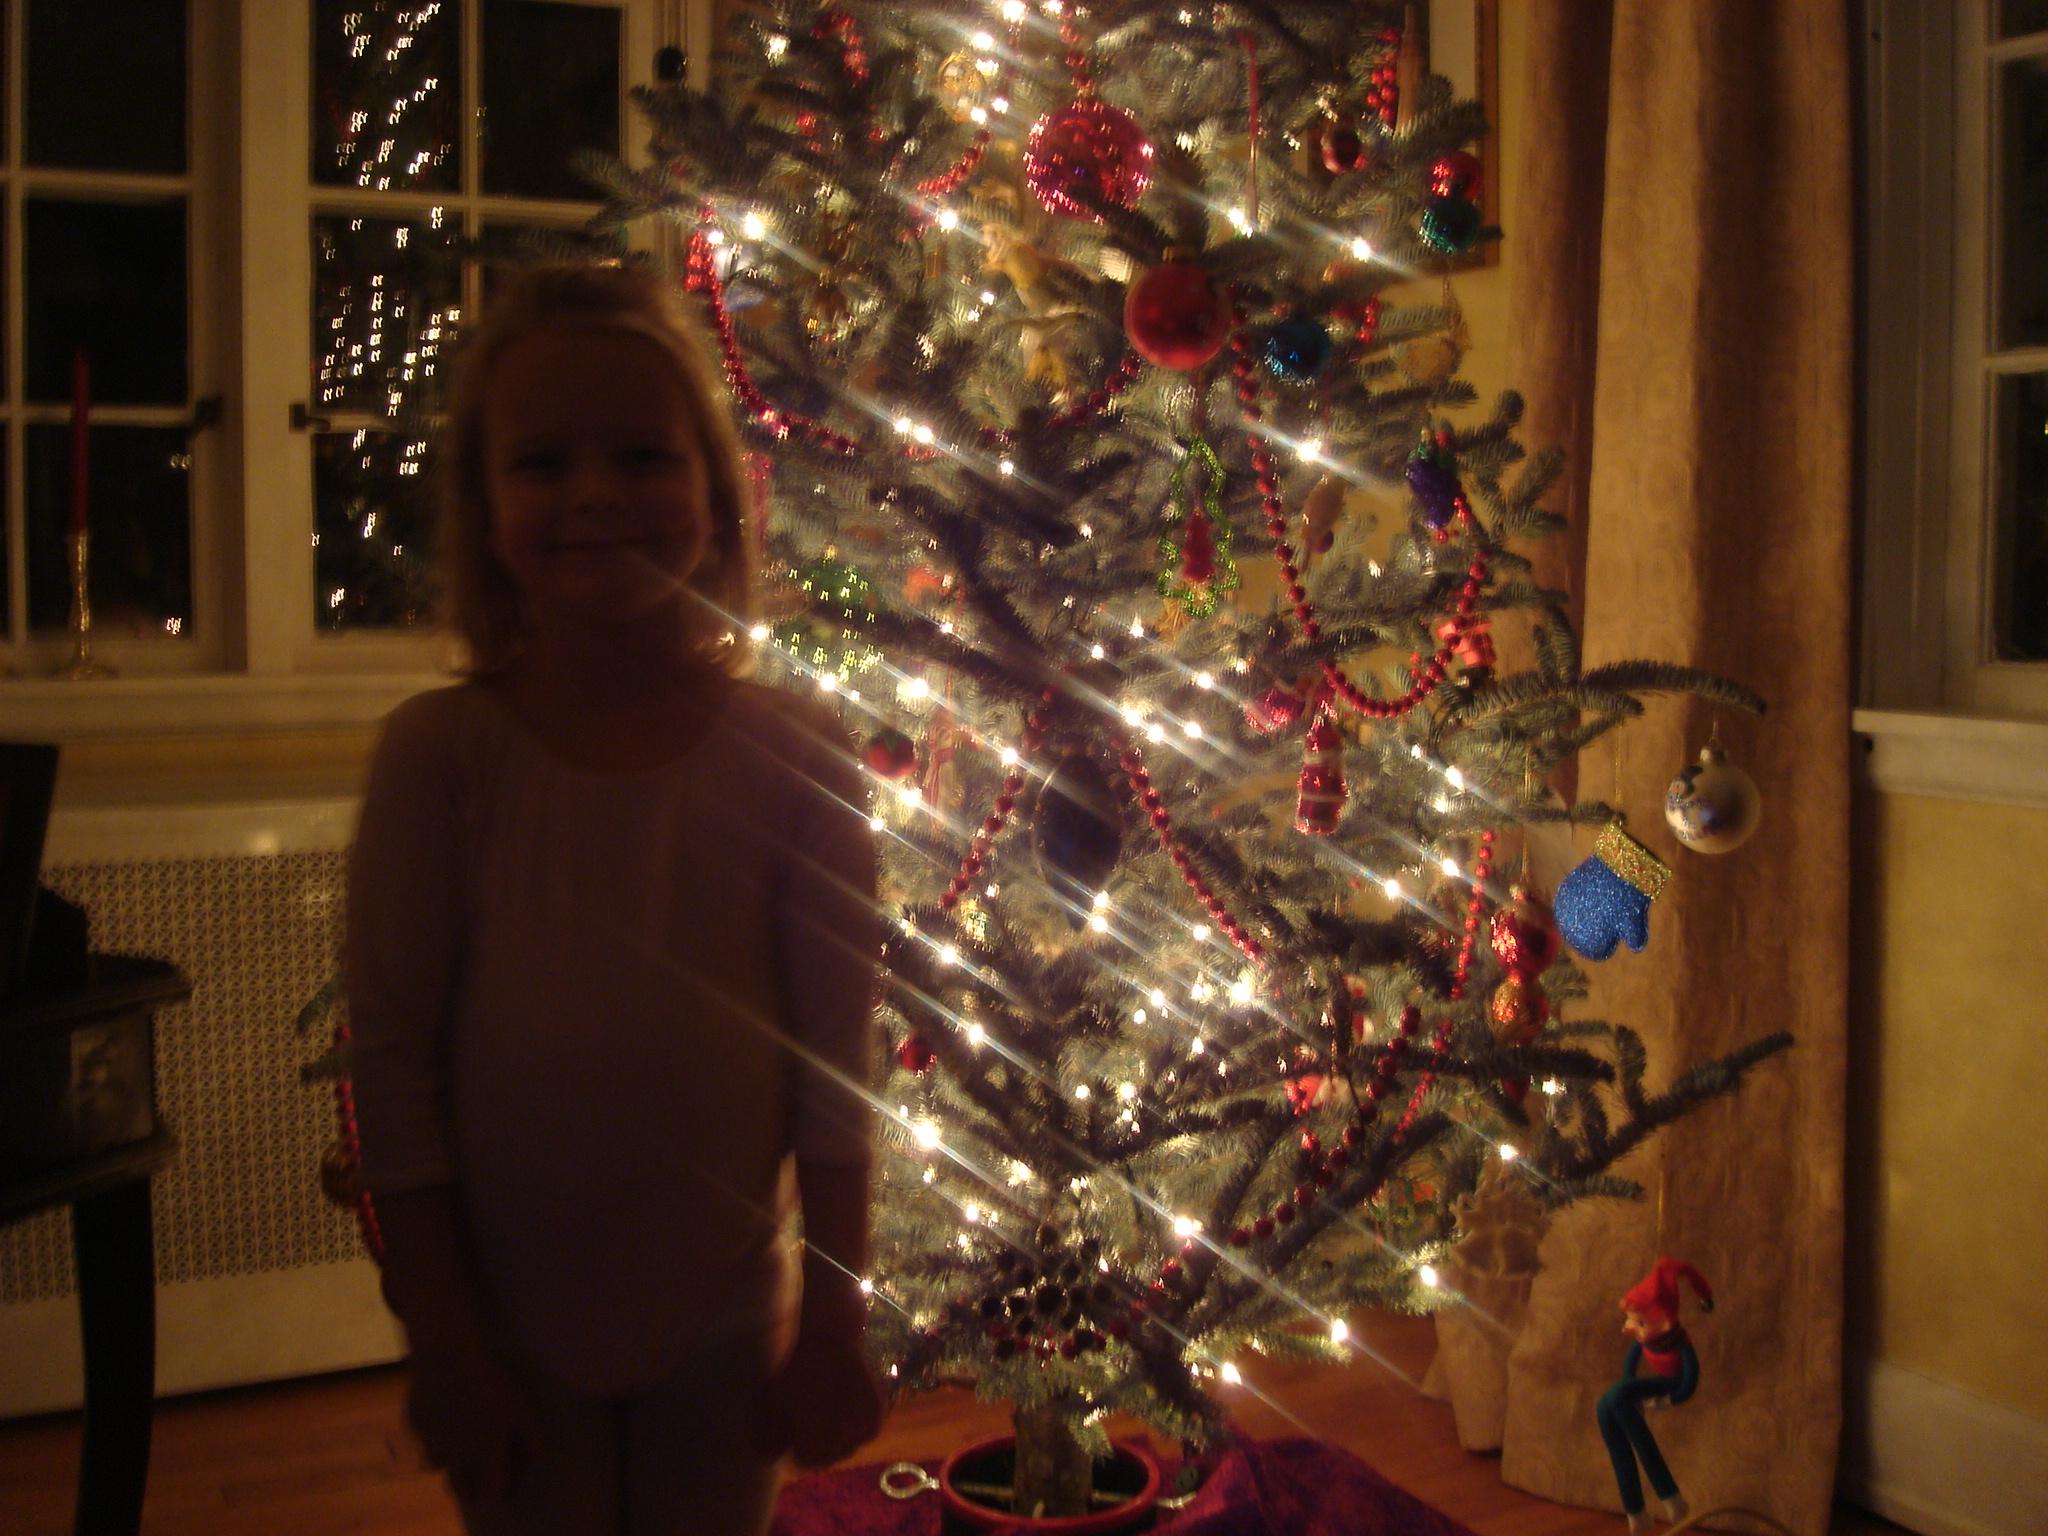 proud-of-tree